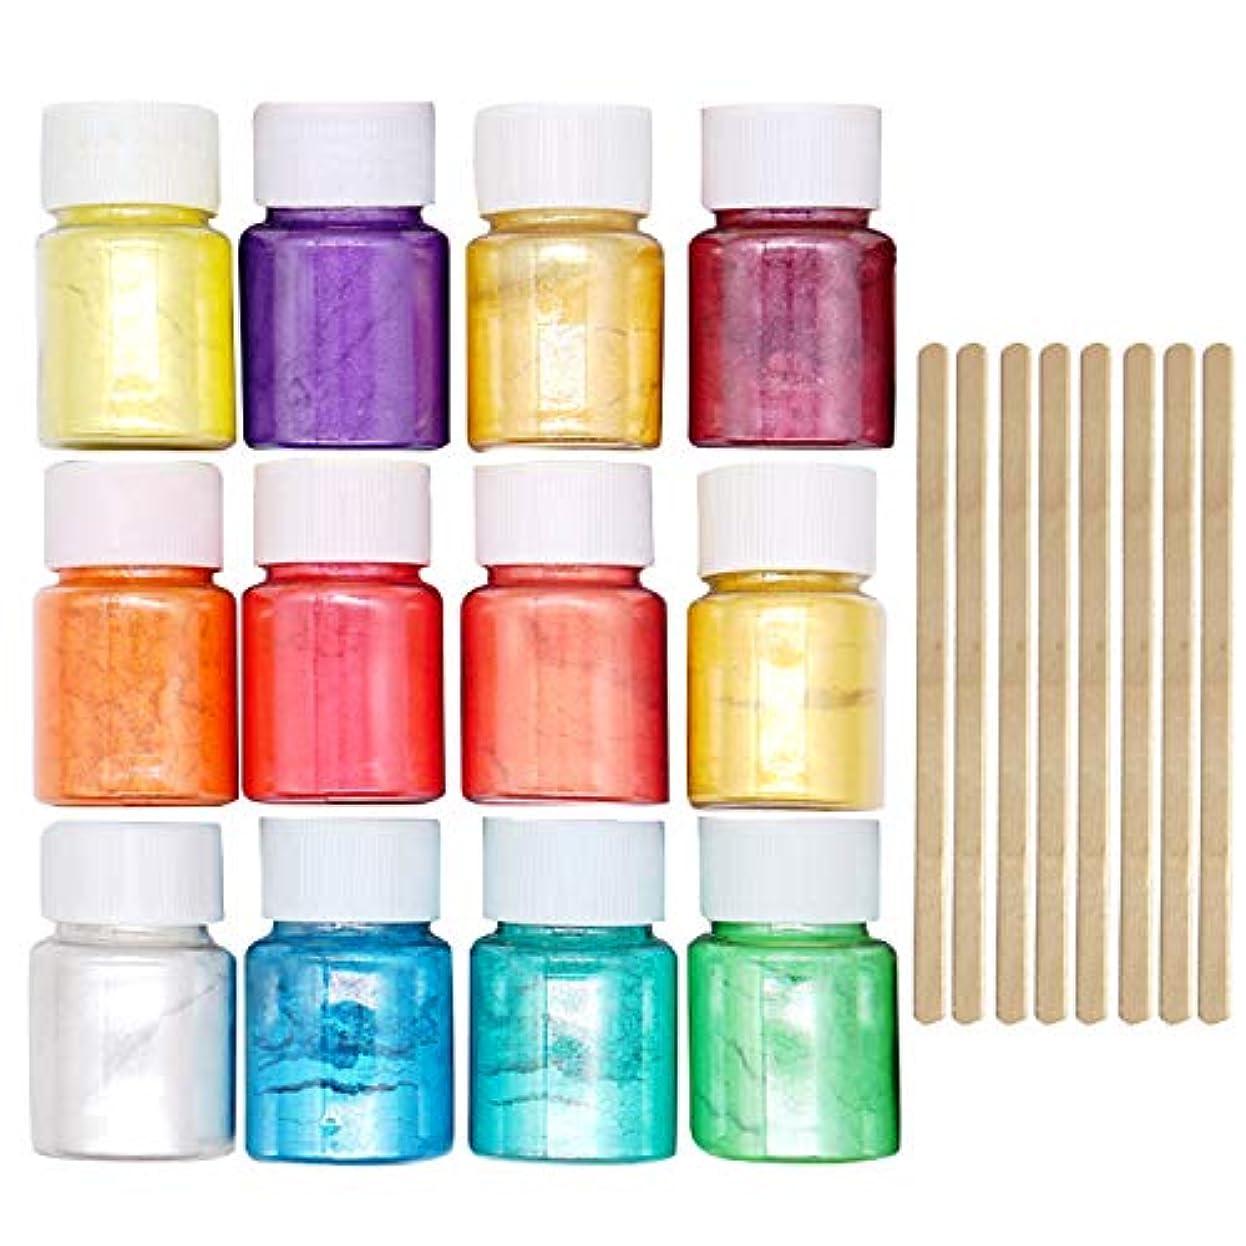 やさしいコーチ納屋マイカパウダー Migavan マイカパールパウダー 12色着色剤顔料雲母真珠パウダーで8ピース木製攪拌棒diyネイルアートクラフトプロジェクトスライム作り用品